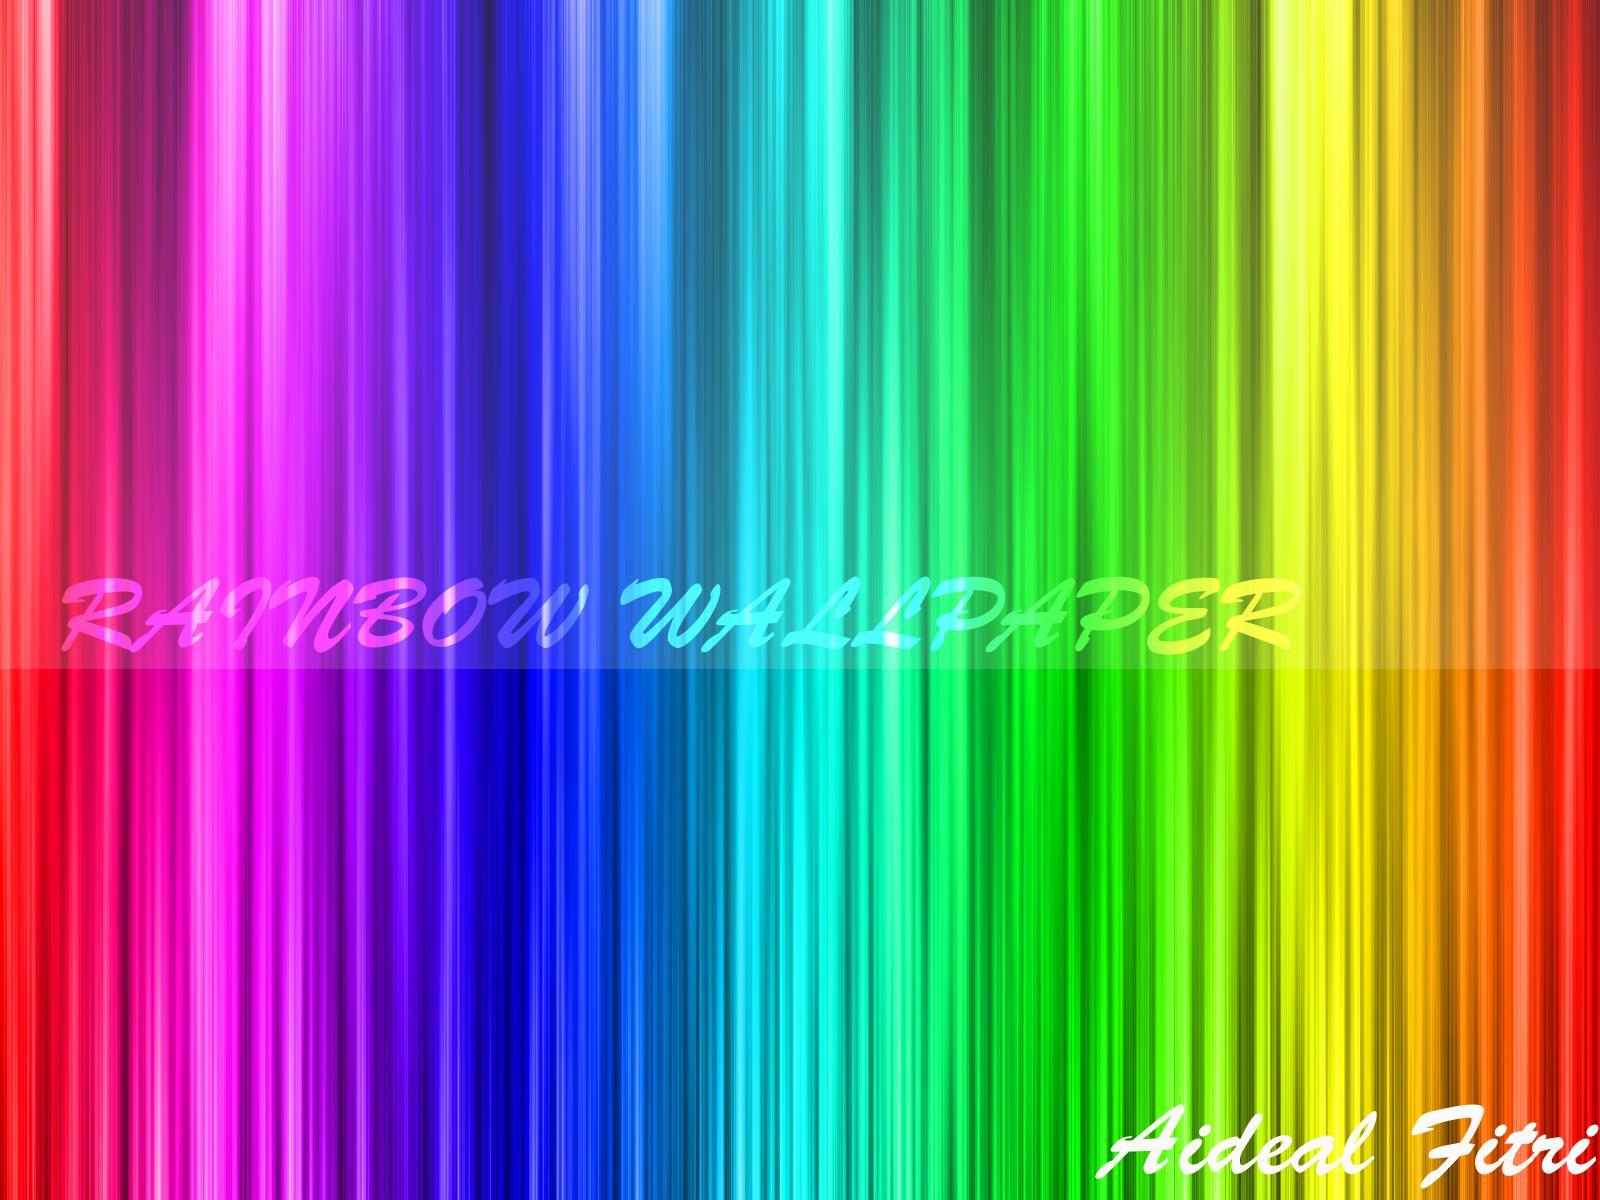 http://2.bp.blogspot.com/_P7J-V68xQZ4/TNIUH1eWz1I/AAAAAAAADEE/m6EJe979jN4/s1600/sa.jpg